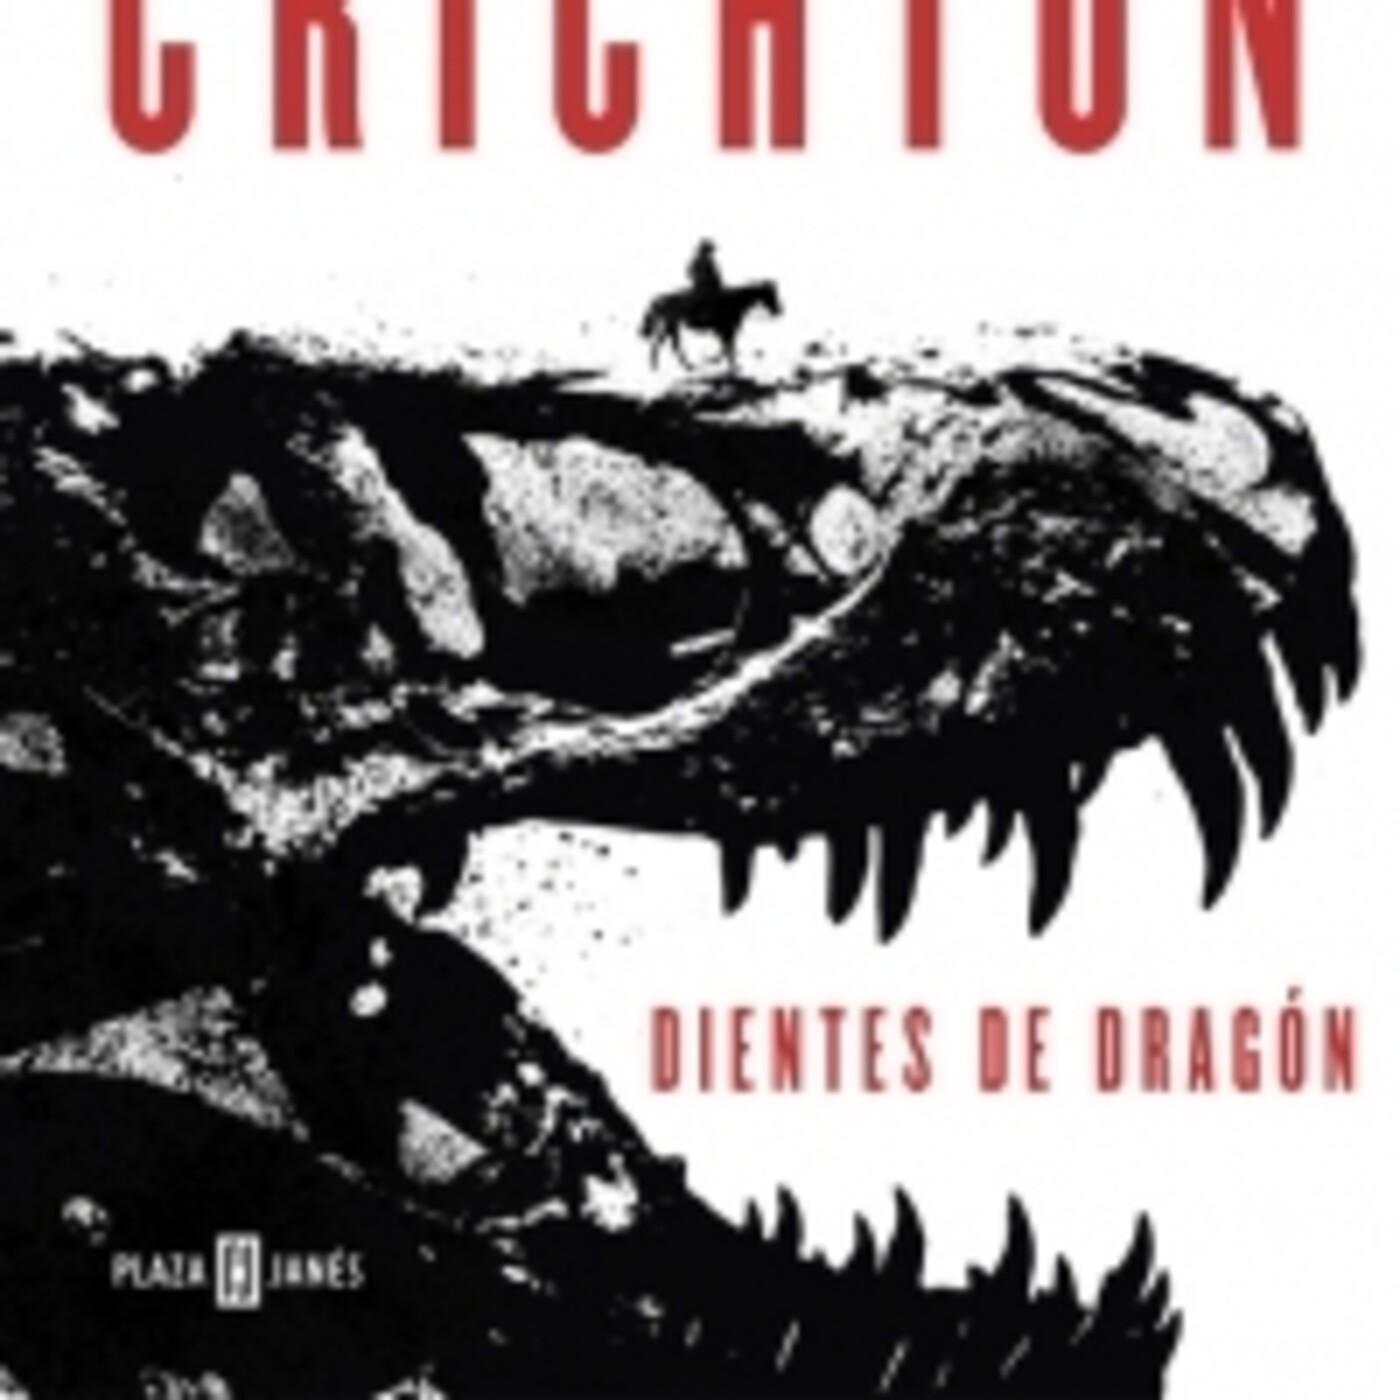 Dientes de dragon 0